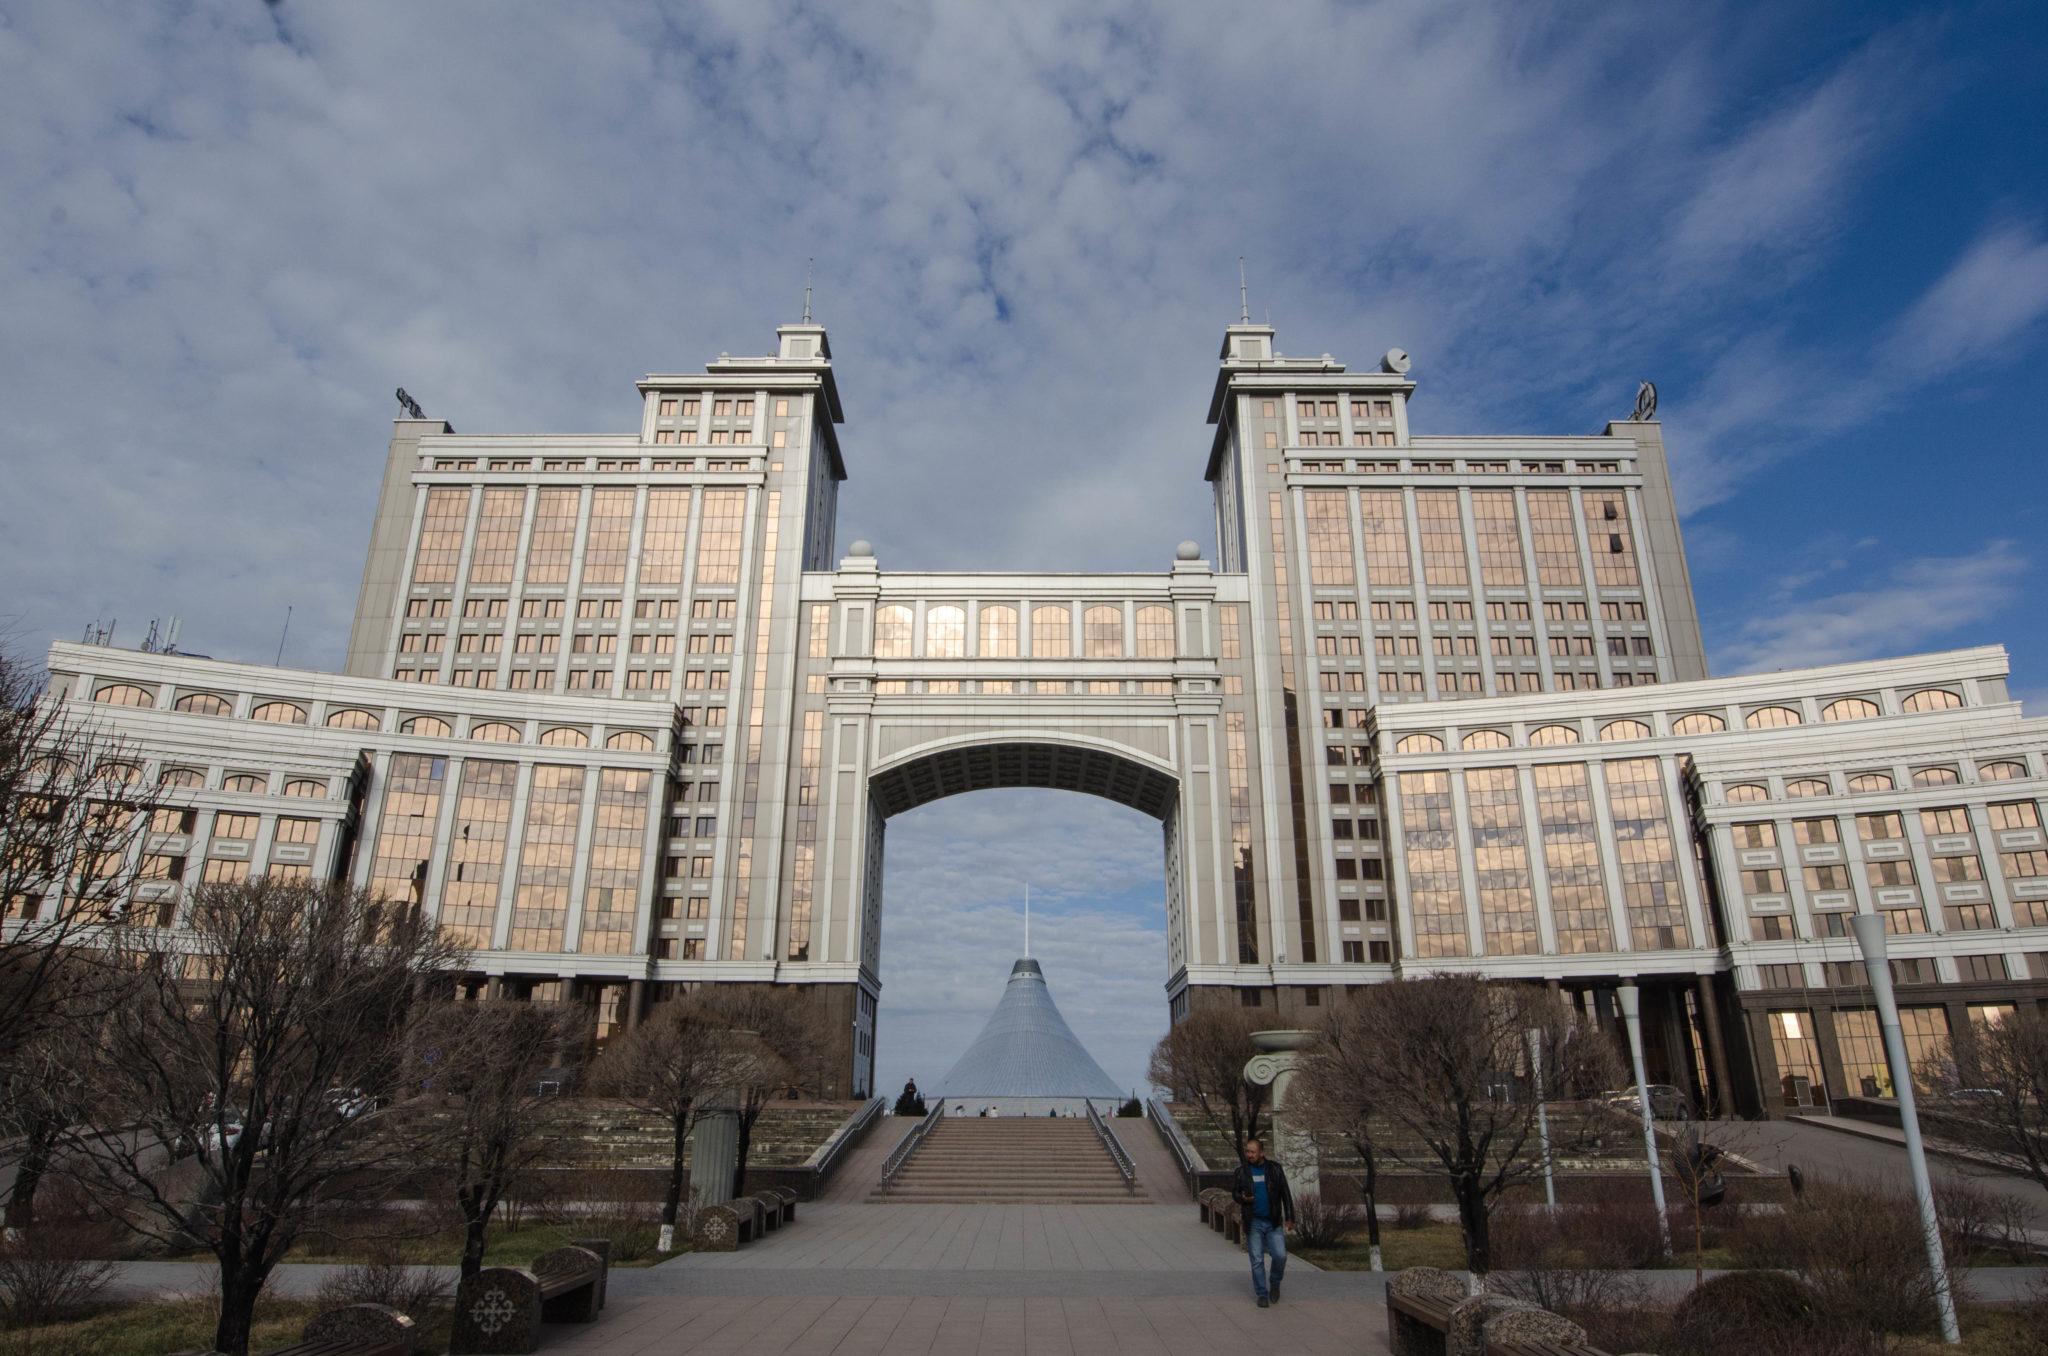 KazMunayGas Gebäude in Astana Kasachstan